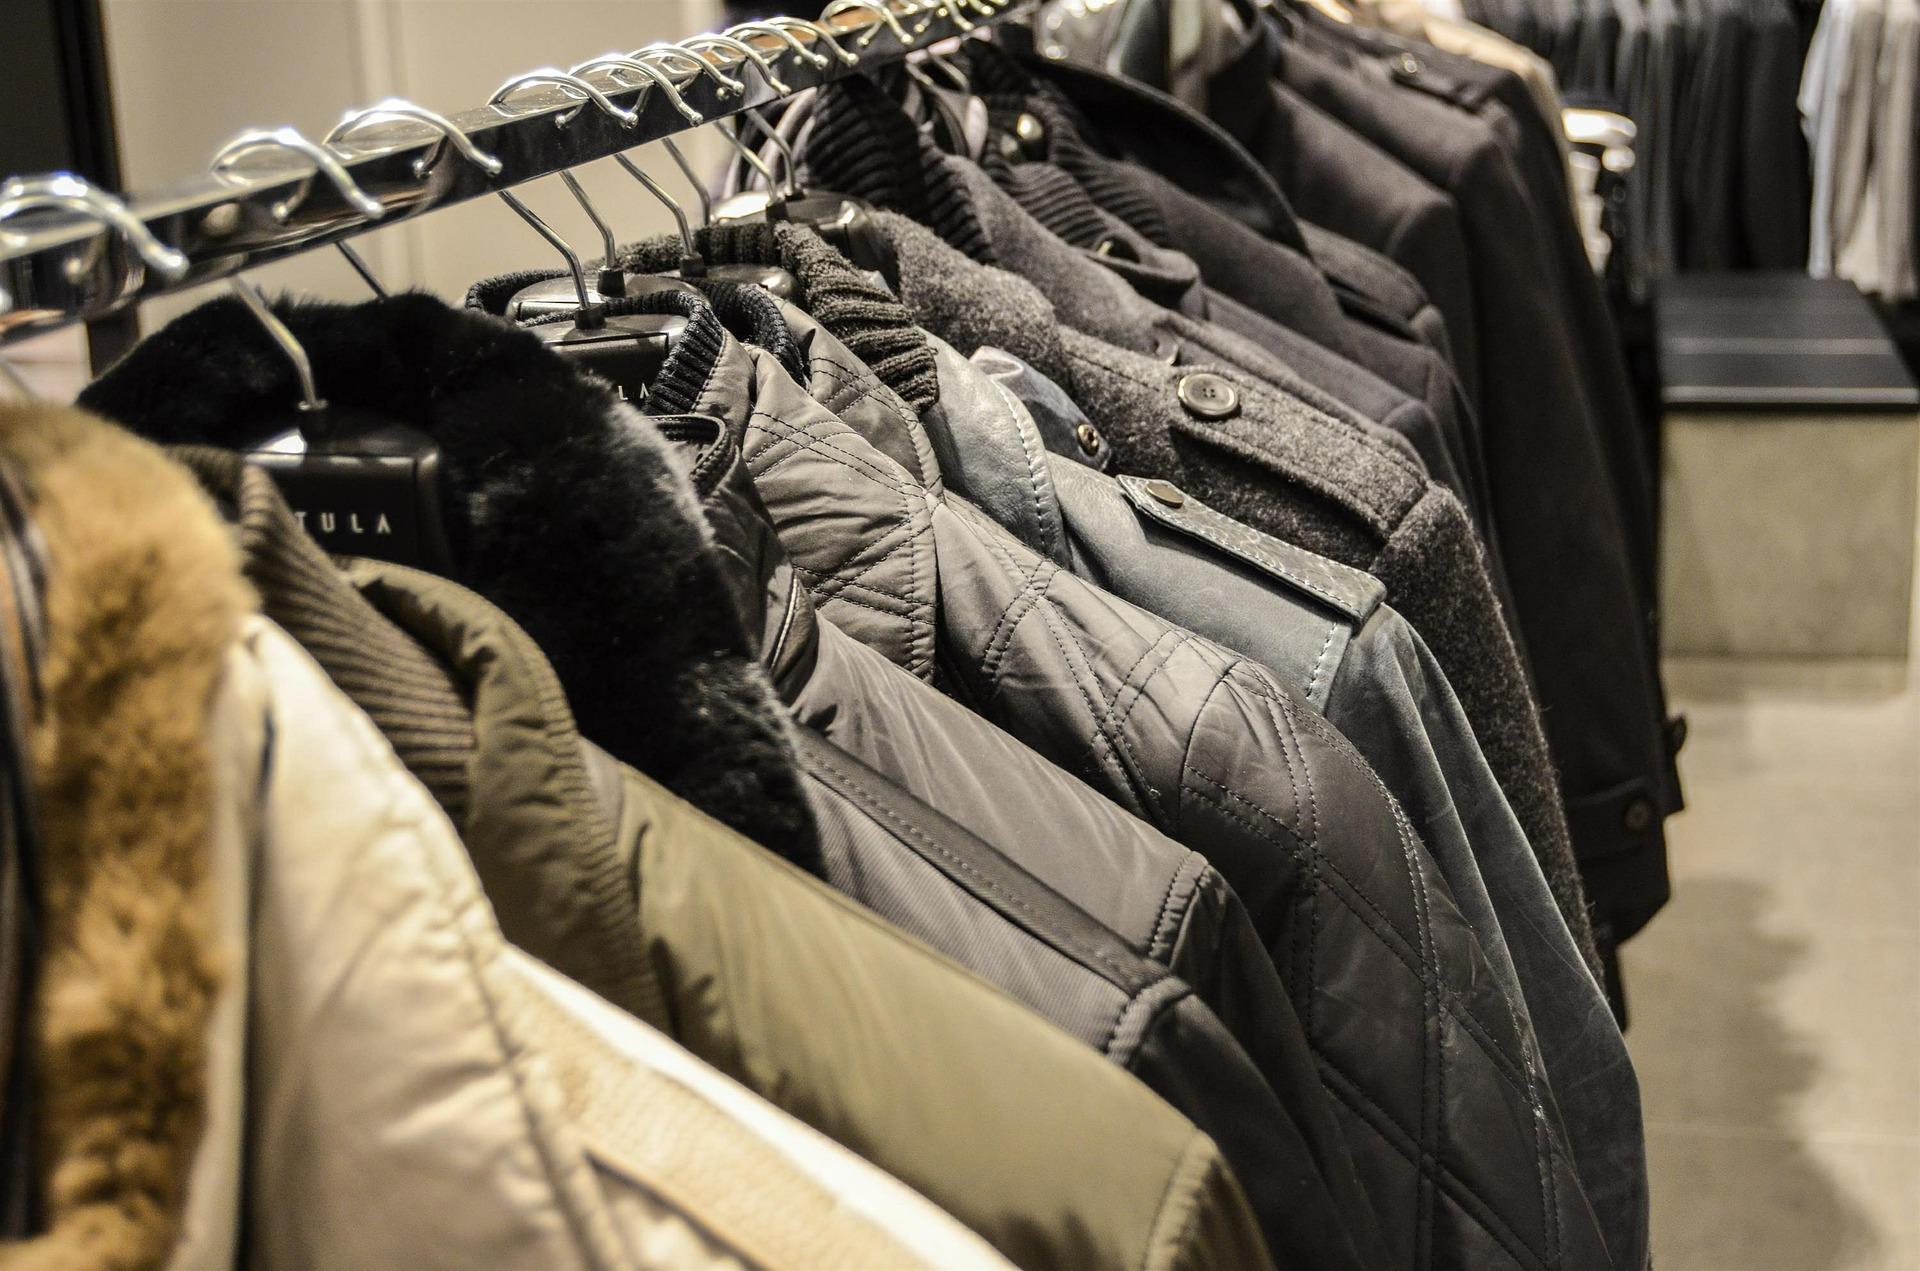 Lån penge til en ny jakke online